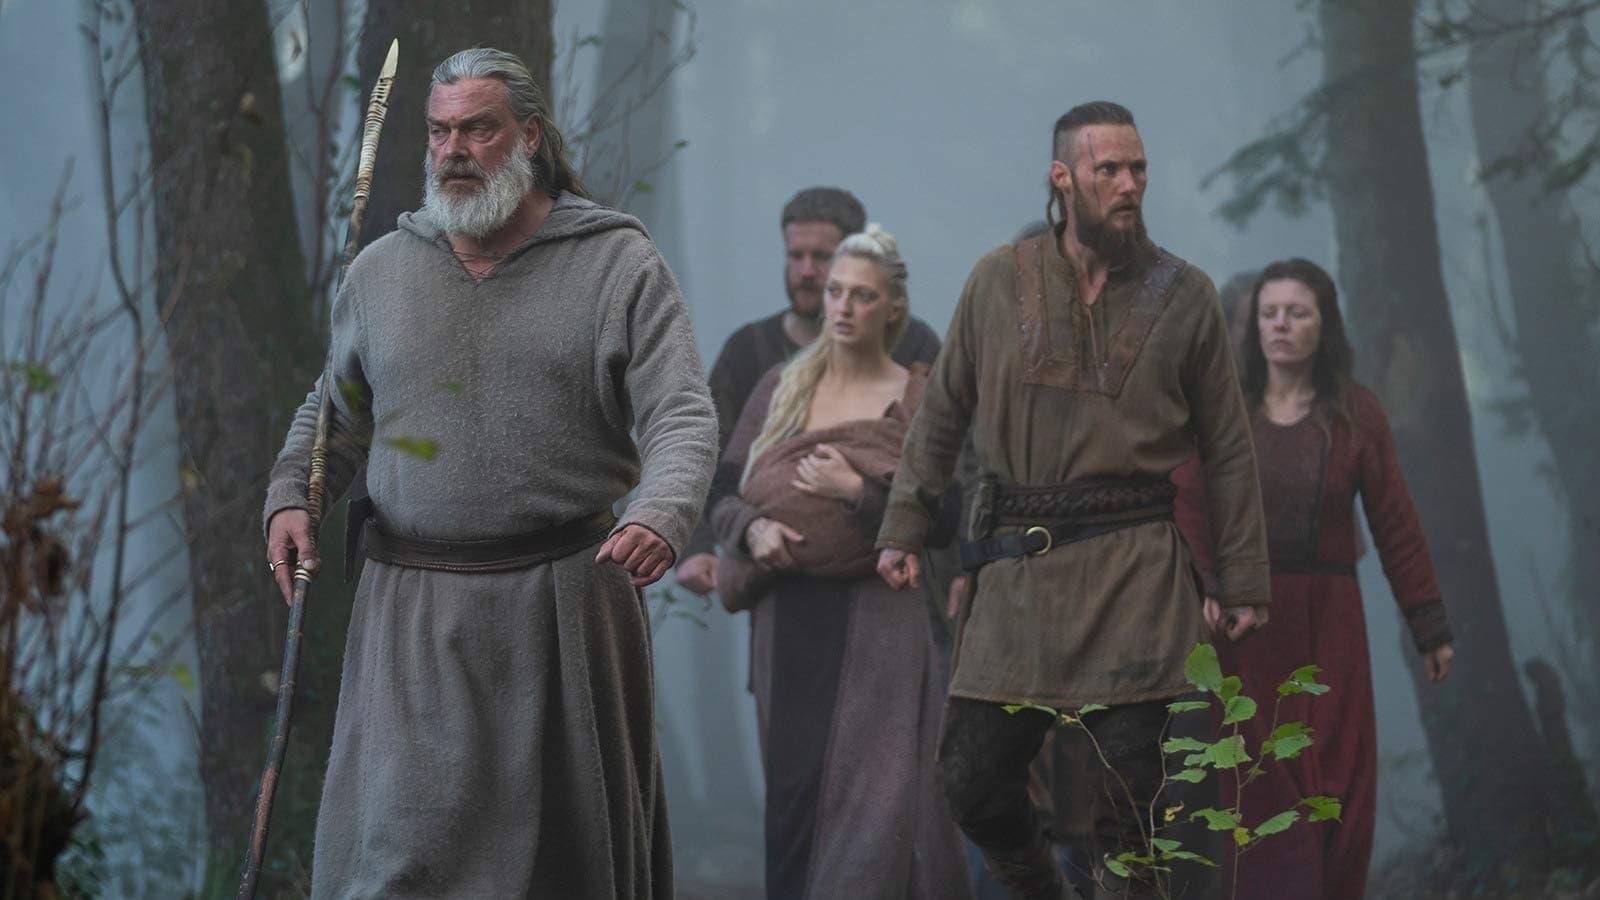 Canal+abonnement · voir toutes les offres de streaming. Voir Vikings Saison 6 Episode 18 Streaming Vostfr Vf Stream Pour Vous